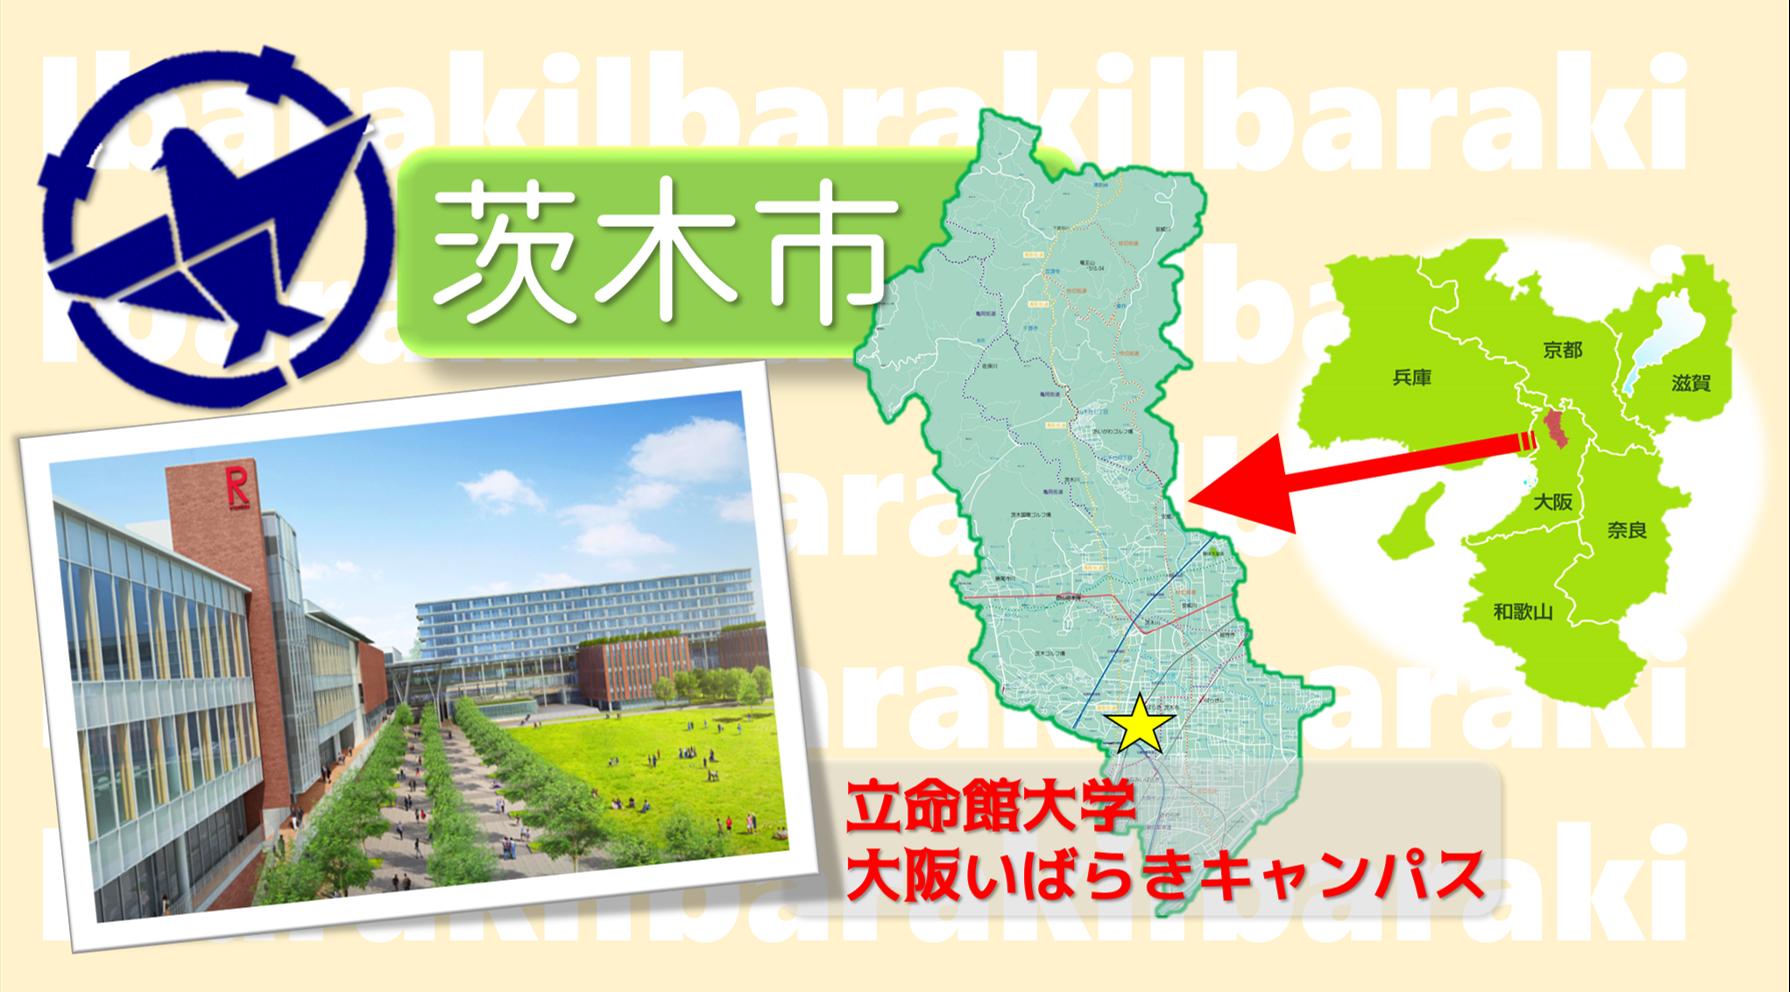 茨木市、立命館大学大阪いばらきキャンパス